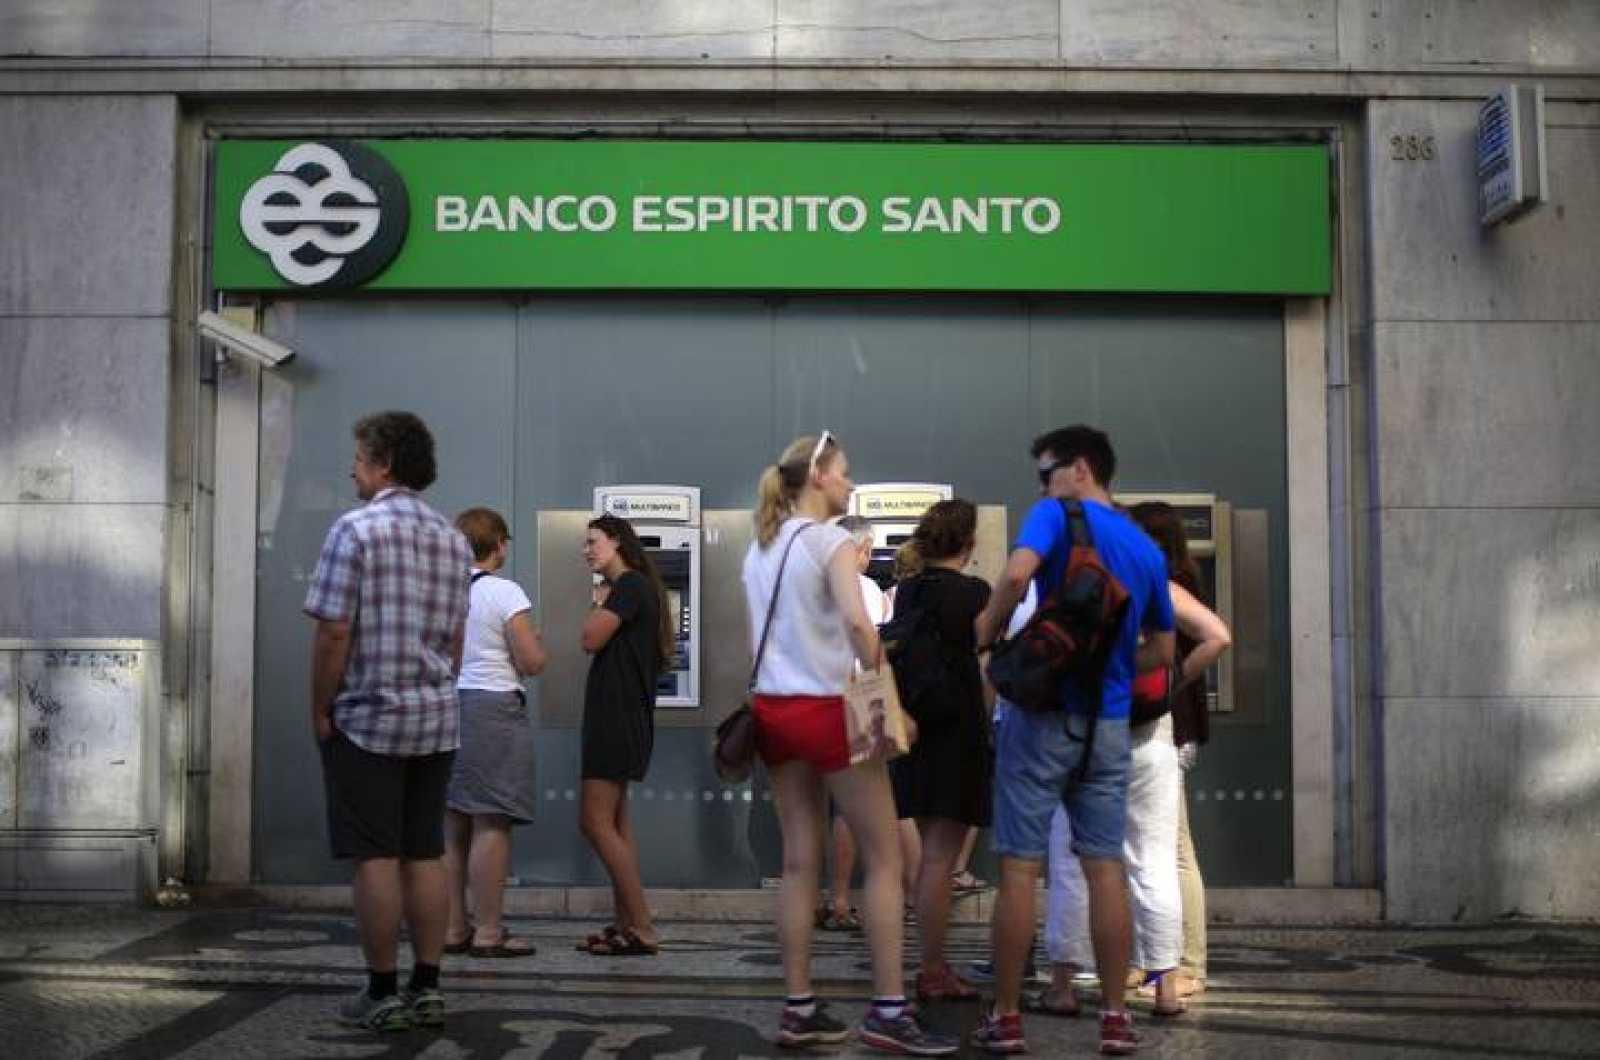 Personas esperando para sacar dinero de un cajero del Banco Espírito Santo en Lisboa